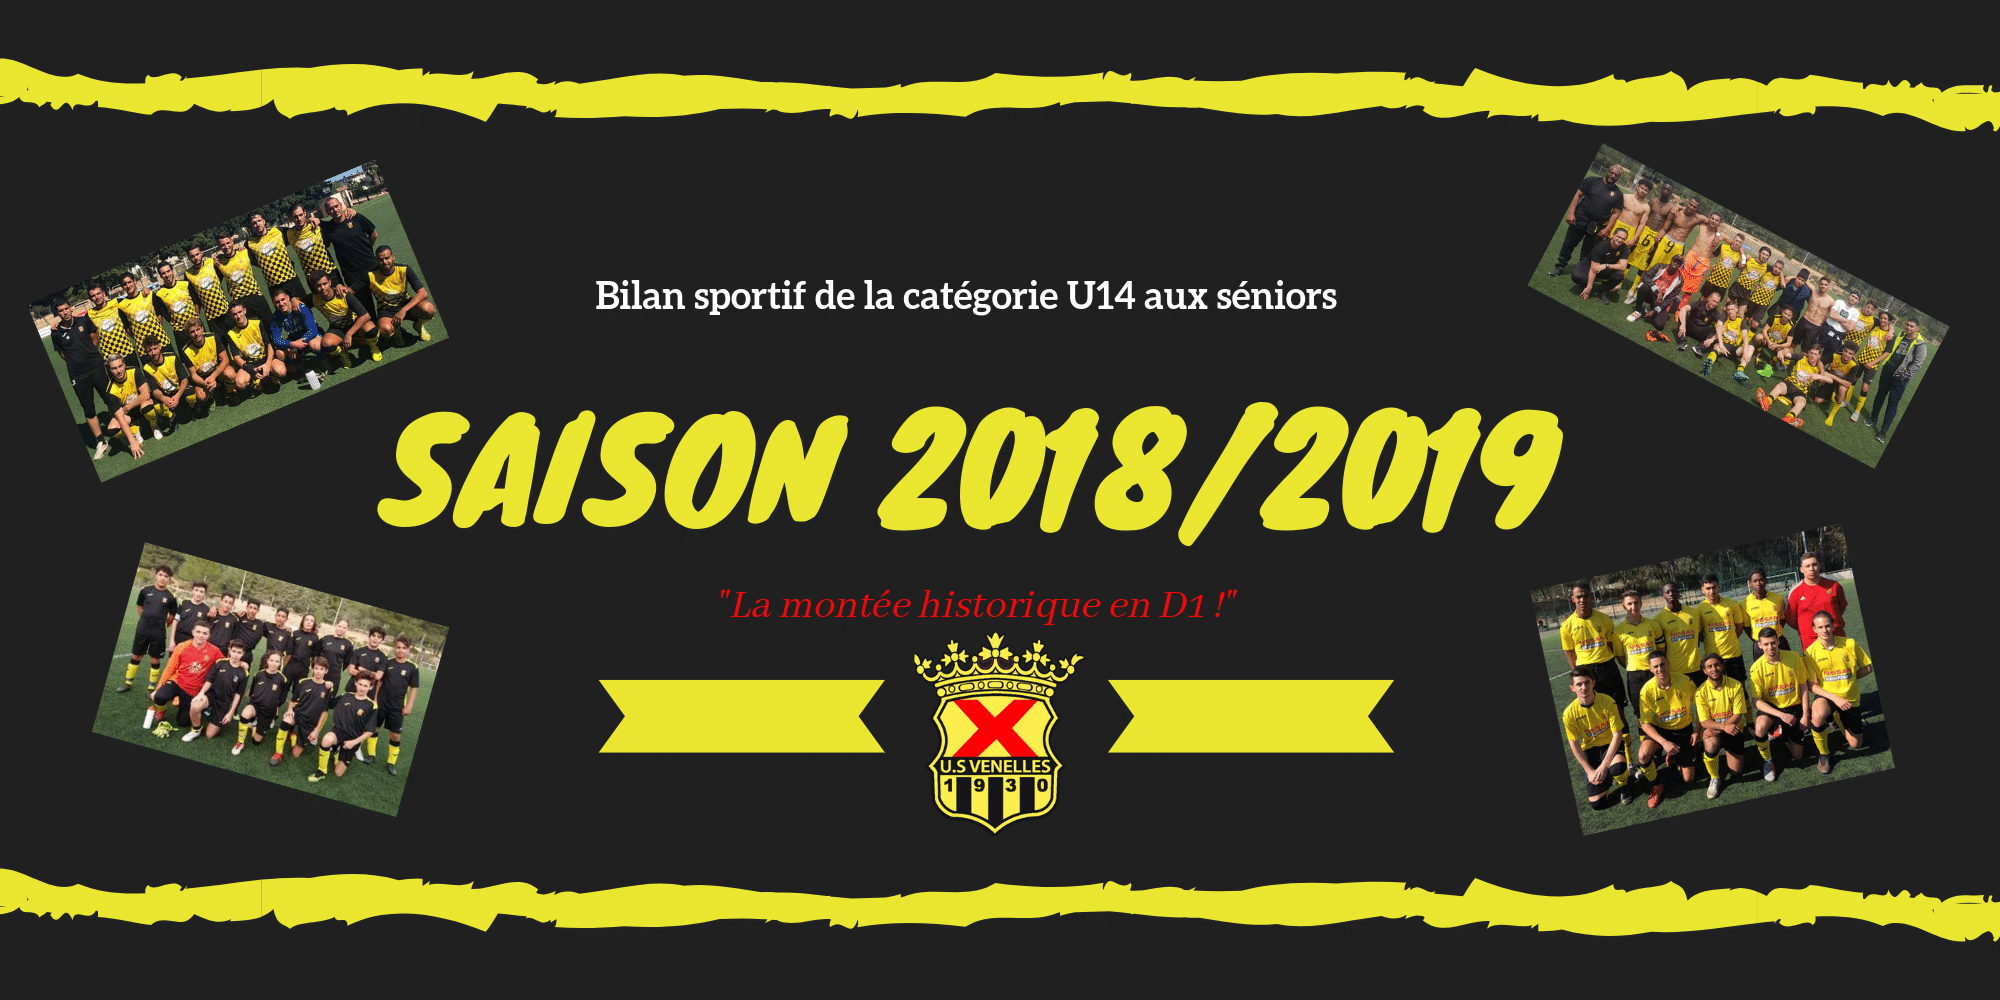 Bilan sportif de Saison 2018-2019 Foot à 11 - USV